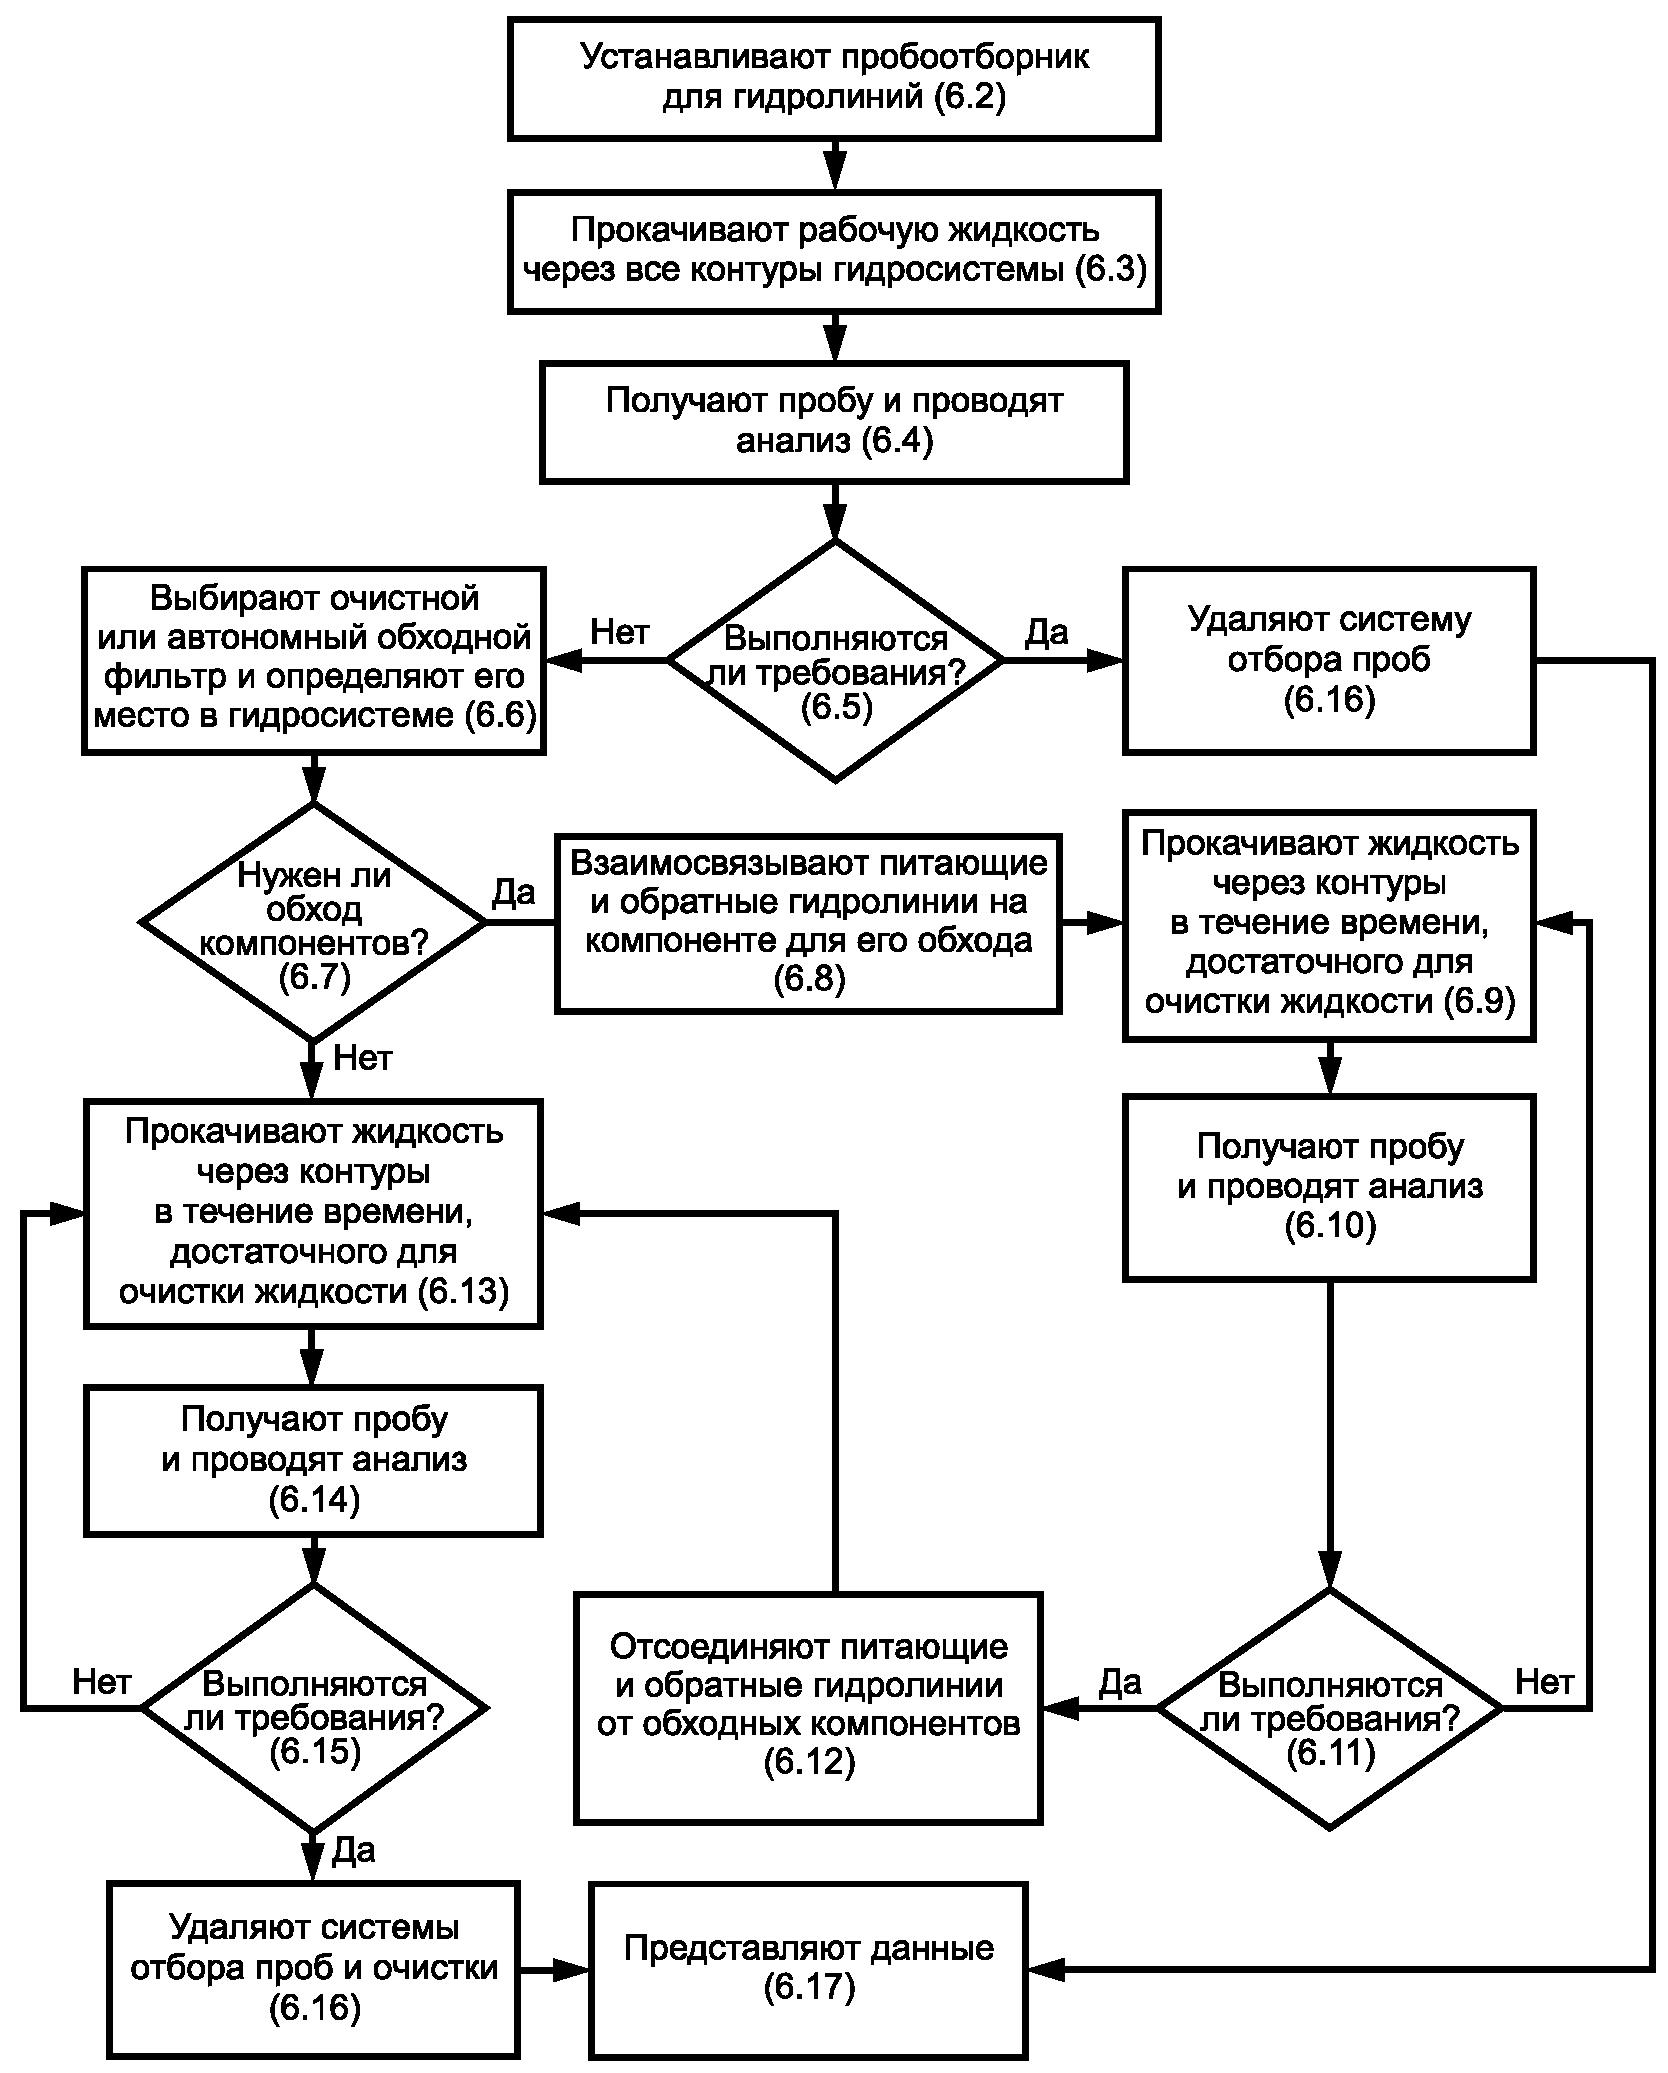 На рисунке 1 представлена блок-схема, отражающая методику оценивания чистоты собранной гидросистемы и номера пунктов...